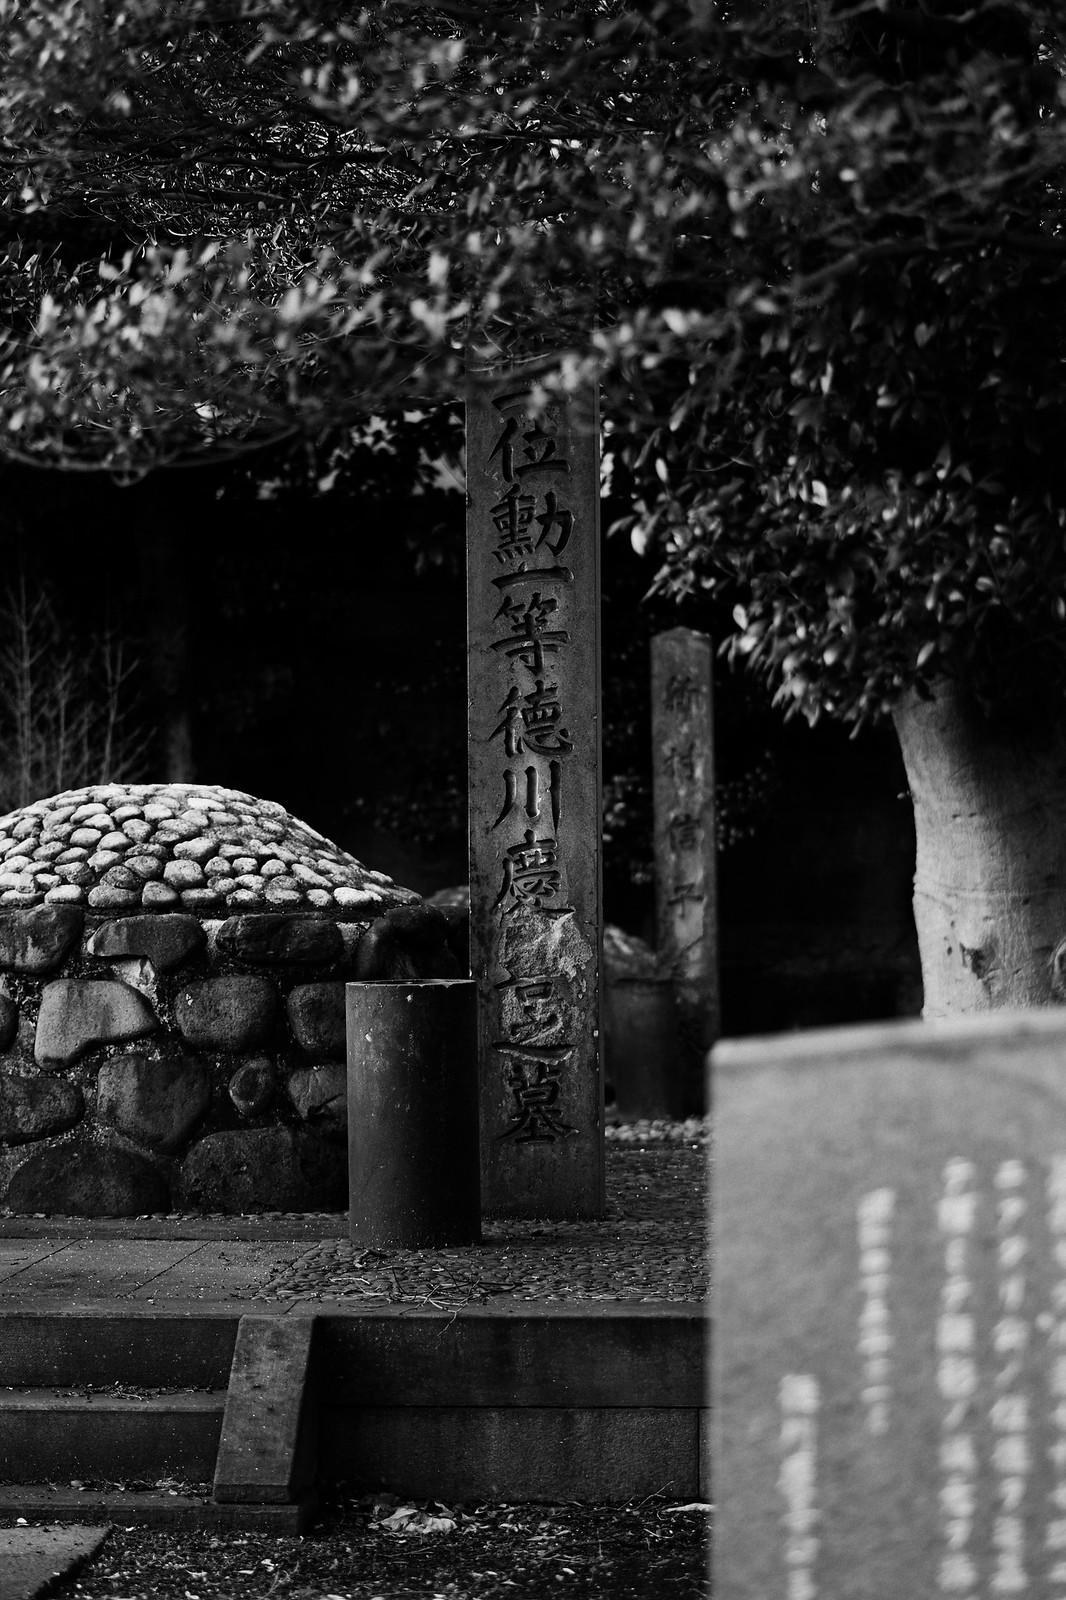 徳川慶喜公の墓